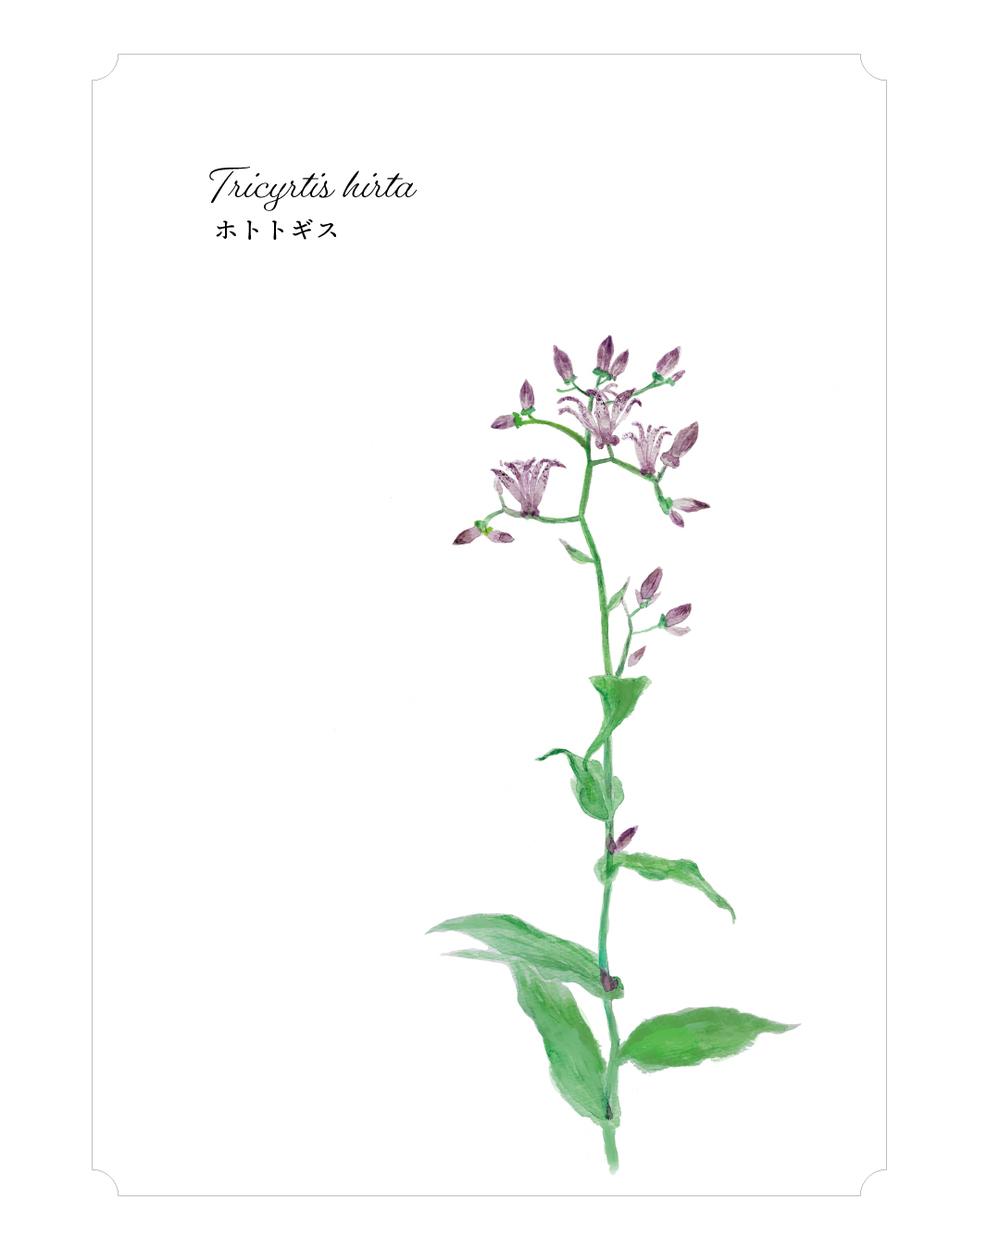 365日の花と 花言葉 Oct Week02 10月6日 12日分 植物生活